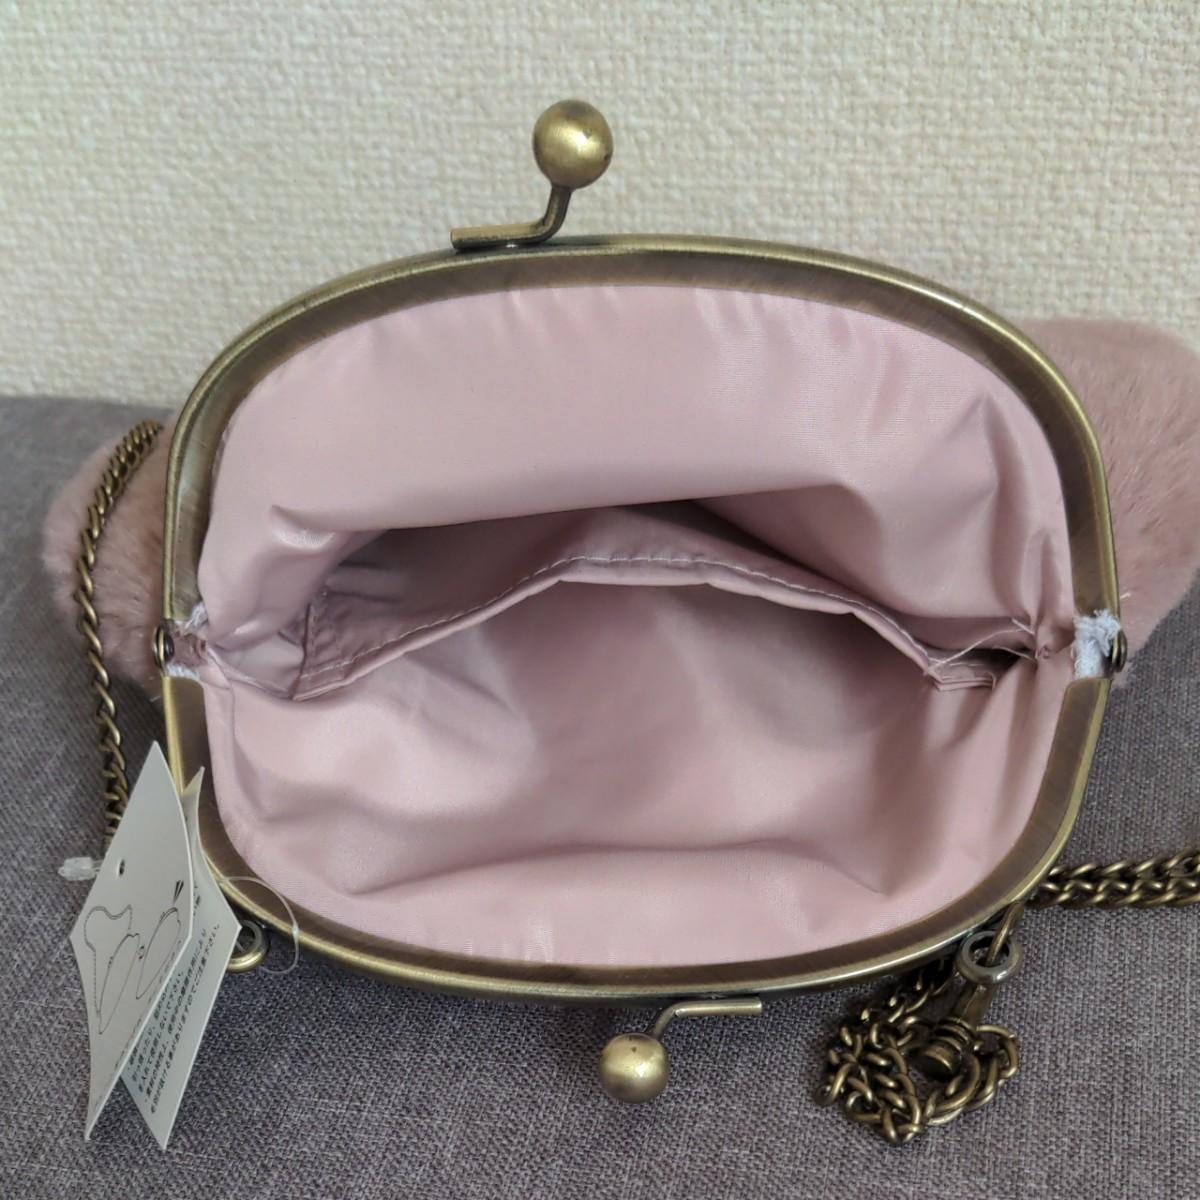 【未使用品】ファーバッグ ショルダーバッグ がま口財布 がま口ポーチ